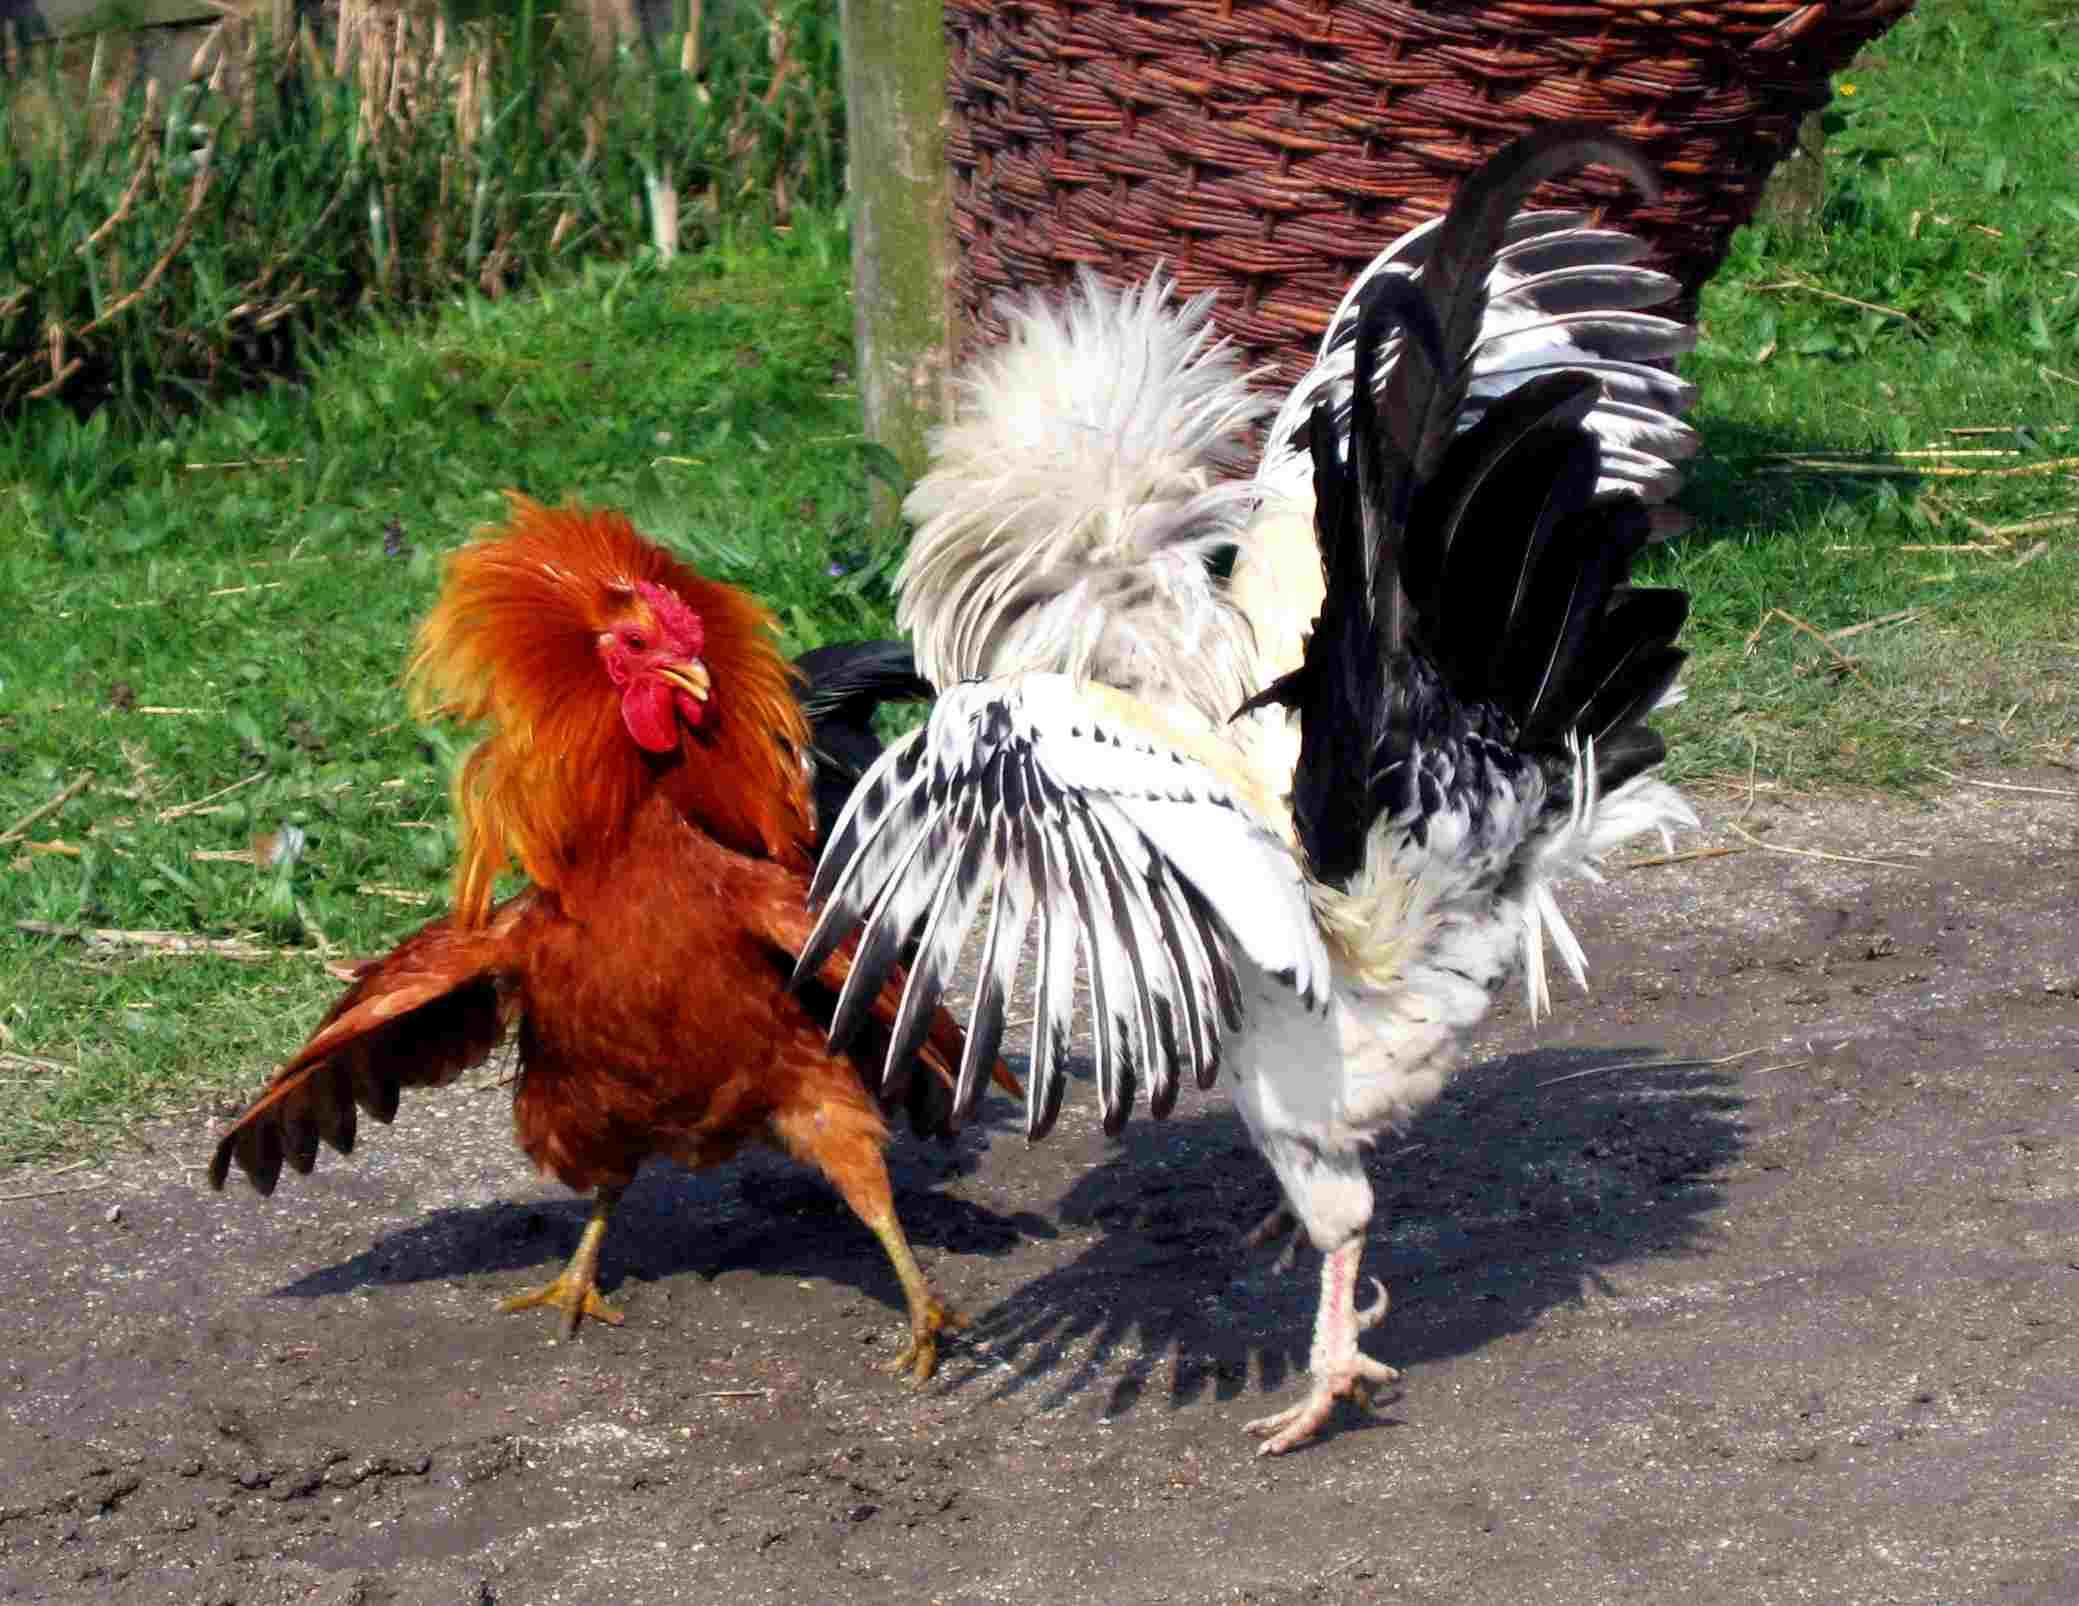 Problemas de comportamiento en la granja de gallinas